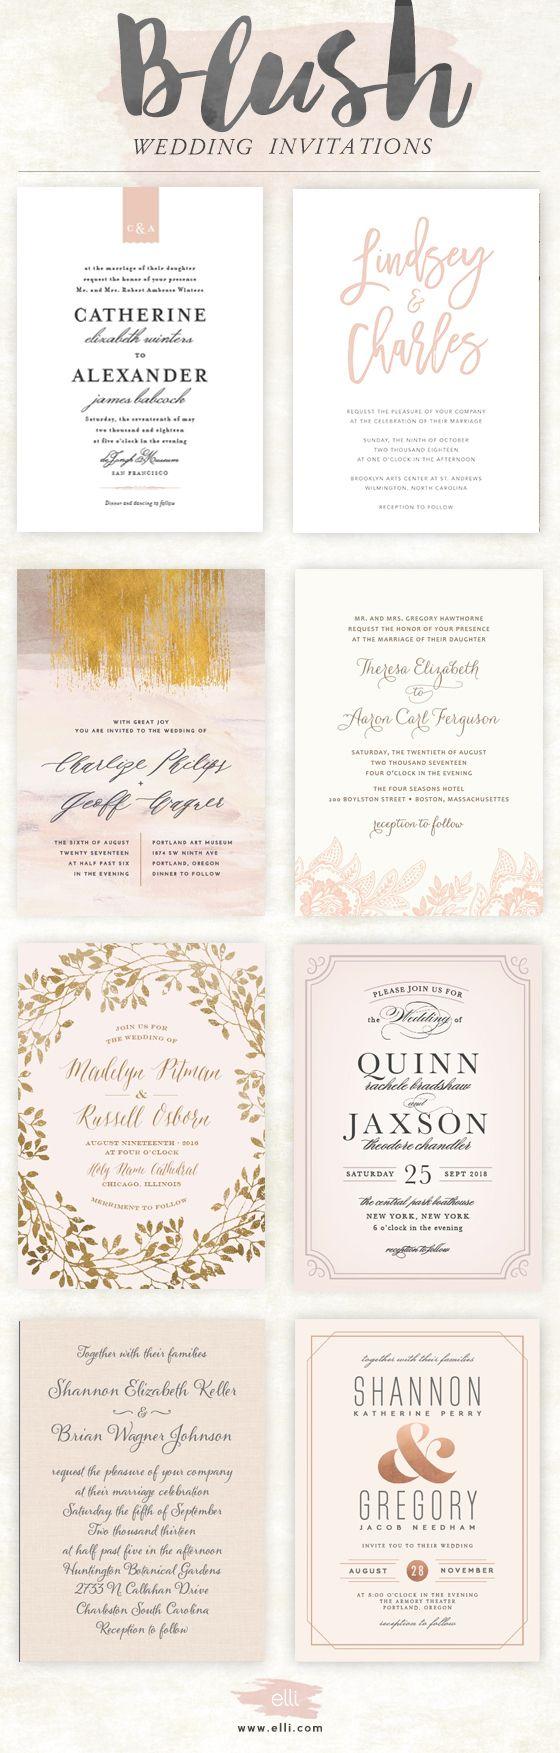 blush wedding invitations blush wedding invitations Gorgeous blush pink wedding invitations at elli com